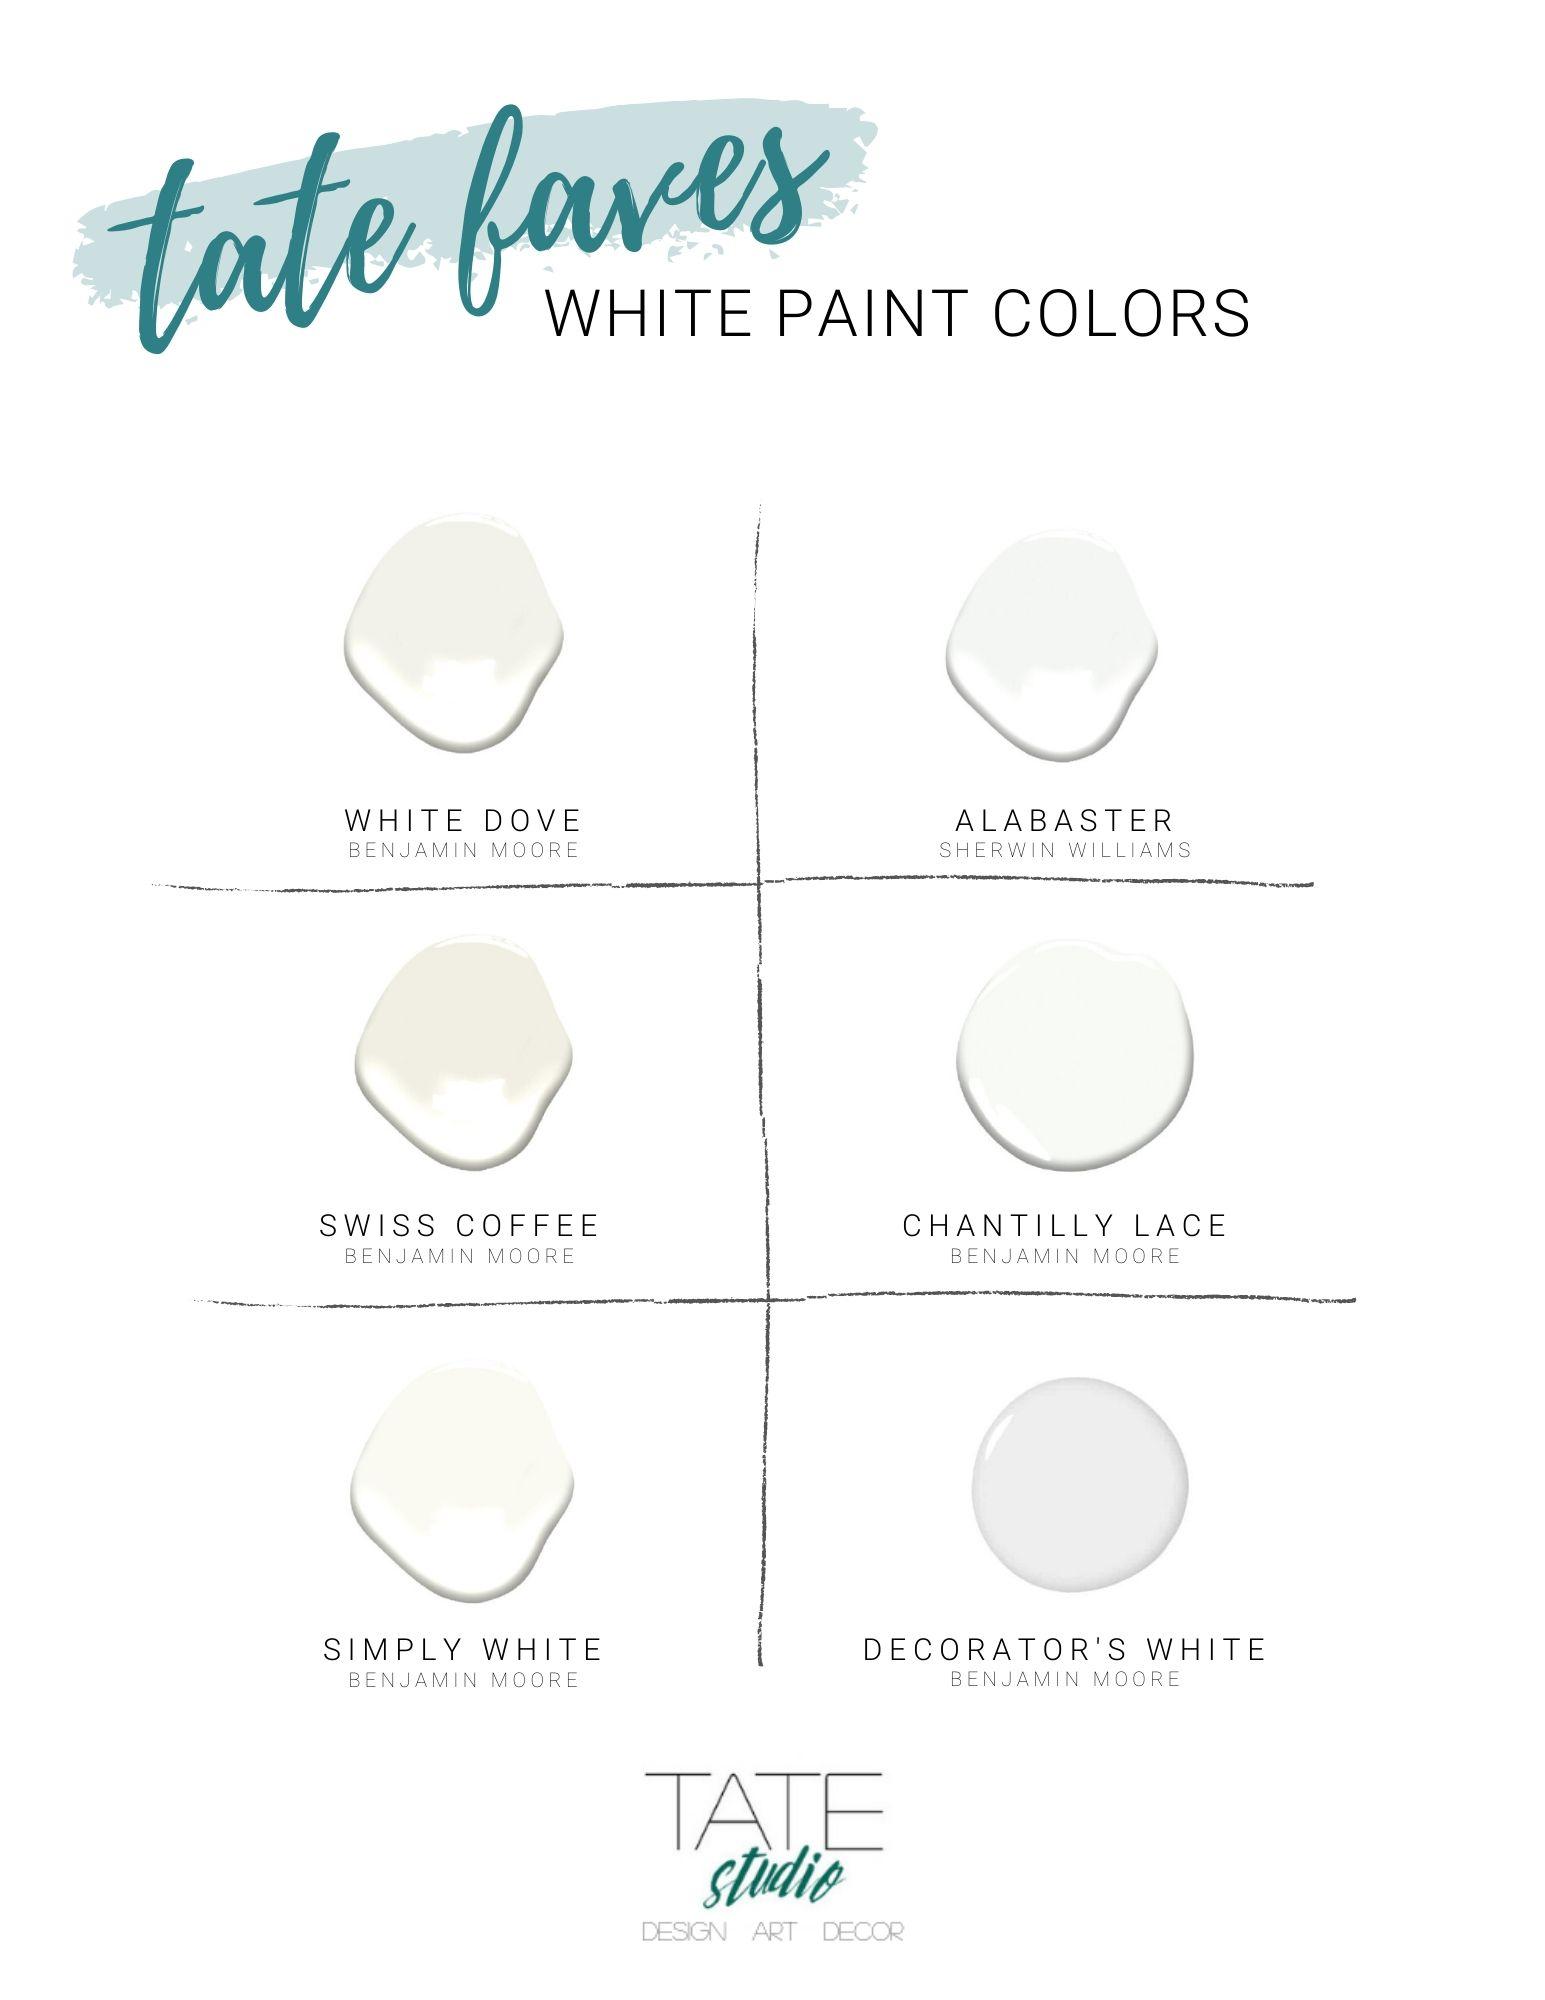 White paint colors